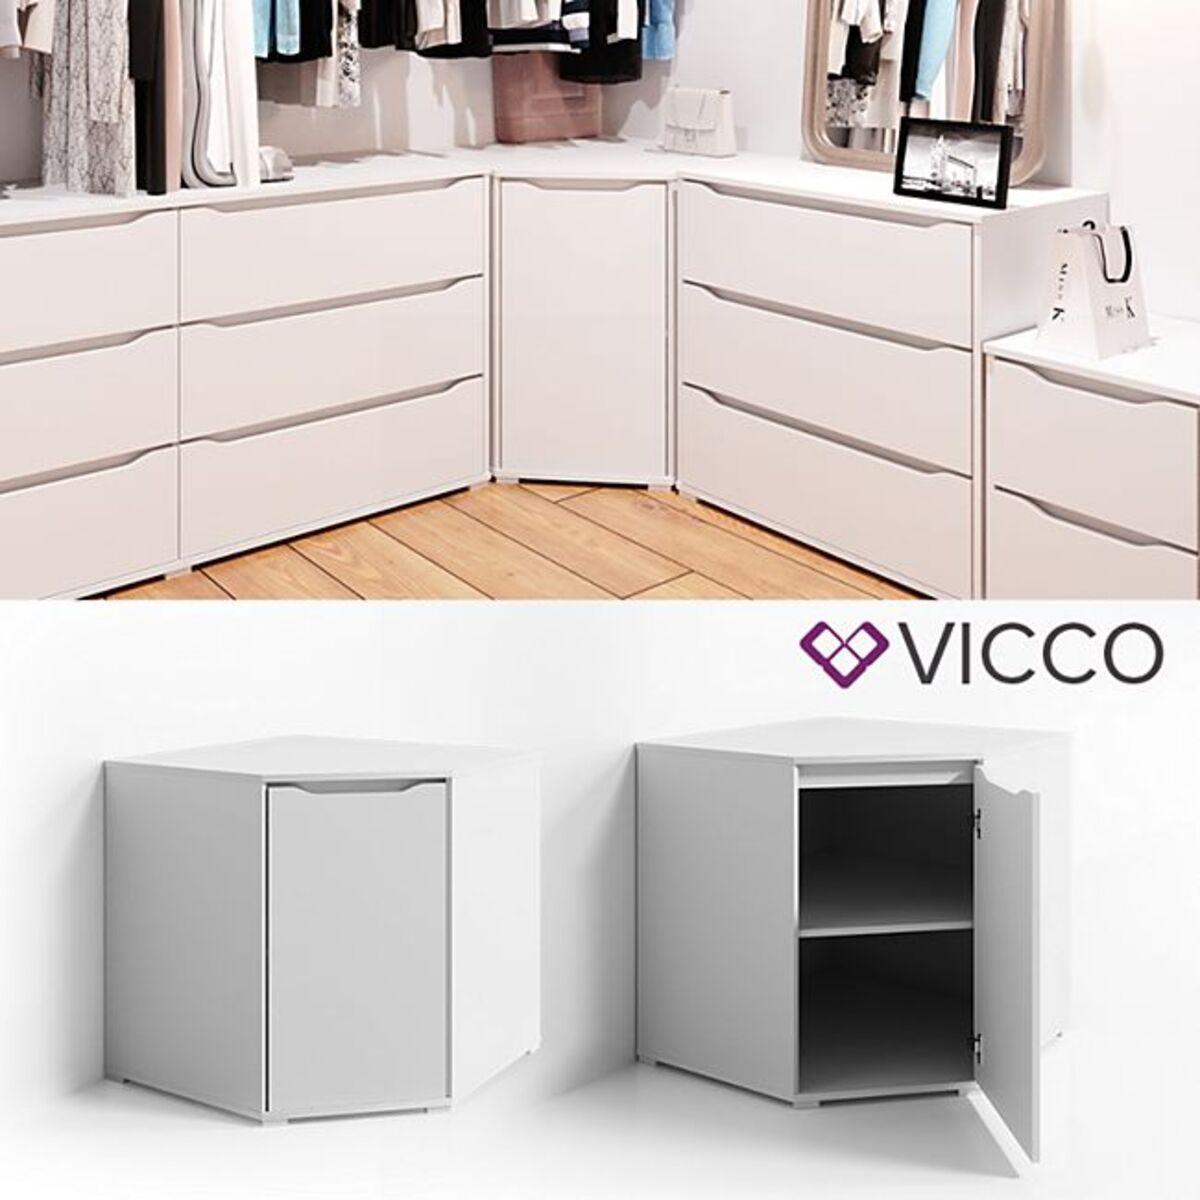 Bild 1 von VICCO Eck Kommode RUBEN Weiß Sideboard Mehrzweckschrank Schrank Kleiderschrank